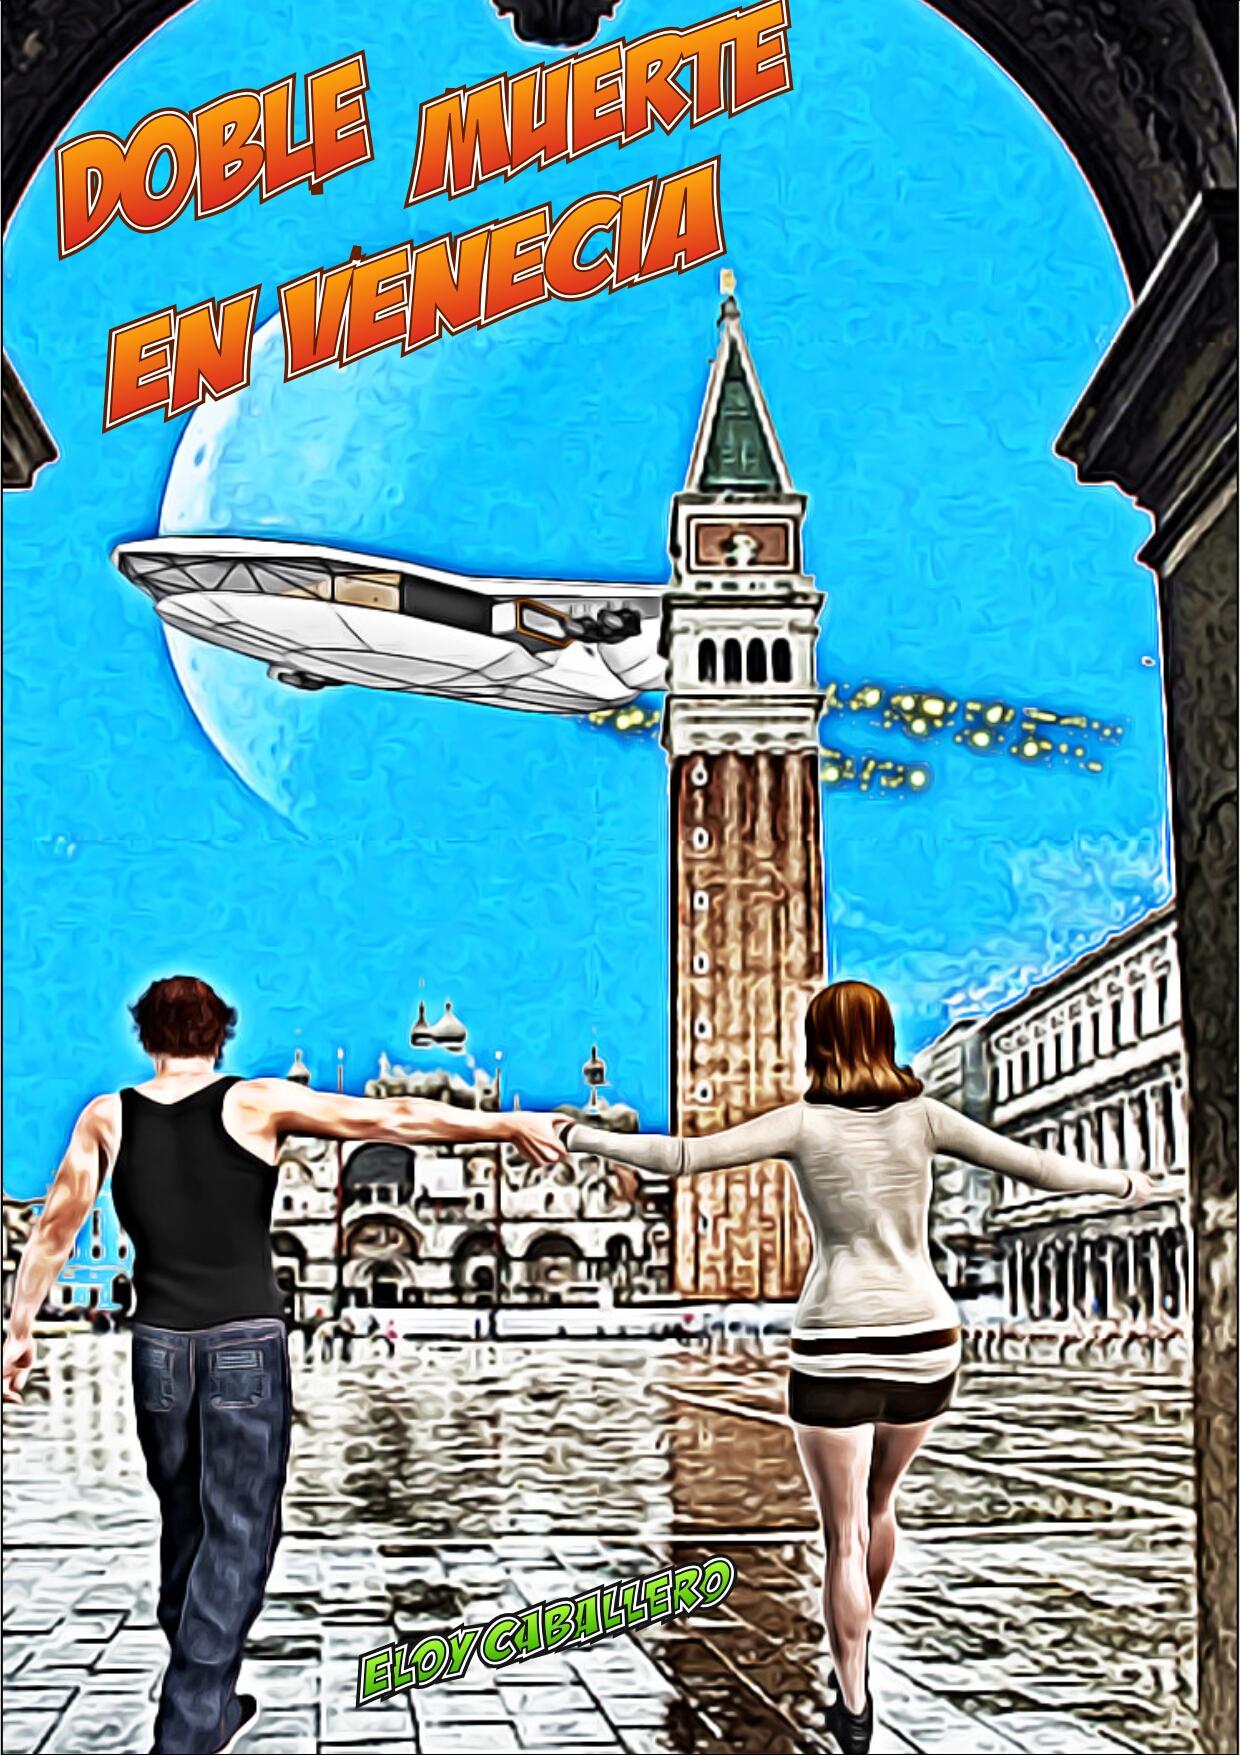 Doble muerte en Venecia, por Eloy Caballero, página 1